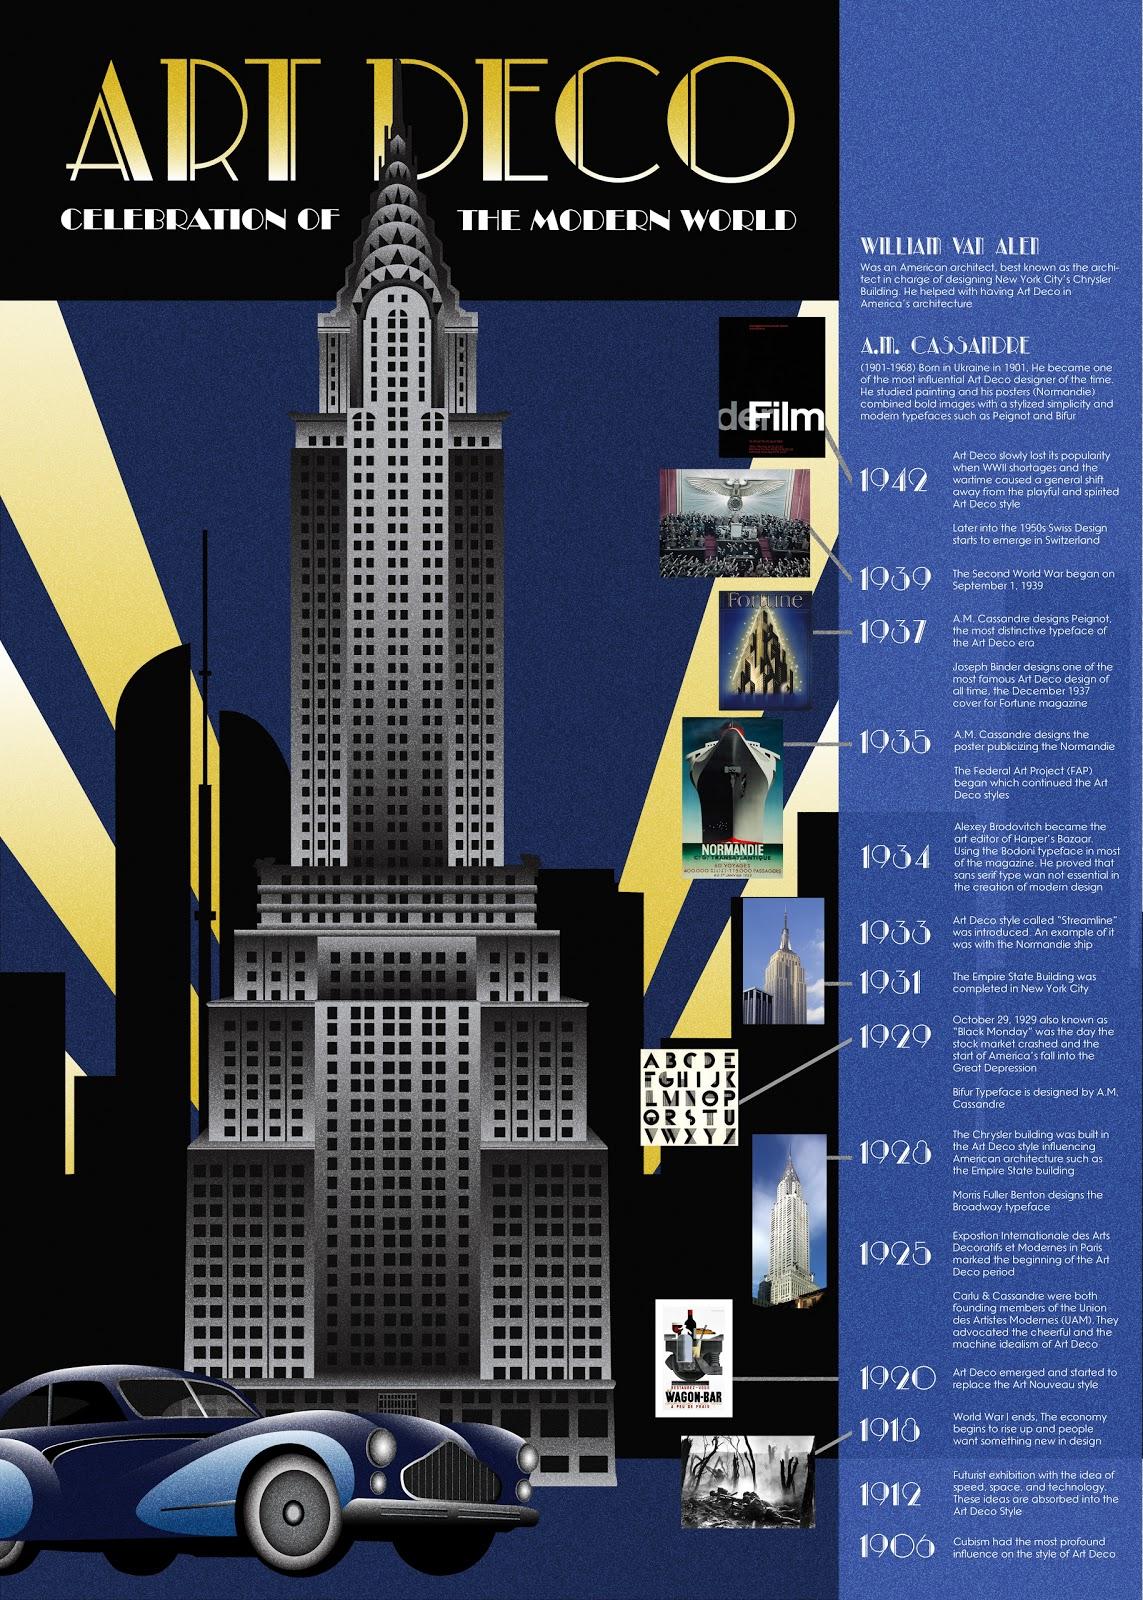 design history f12 marie art deco movement timeline. Black Bedroom Furniture Sets. Home Design Ideas